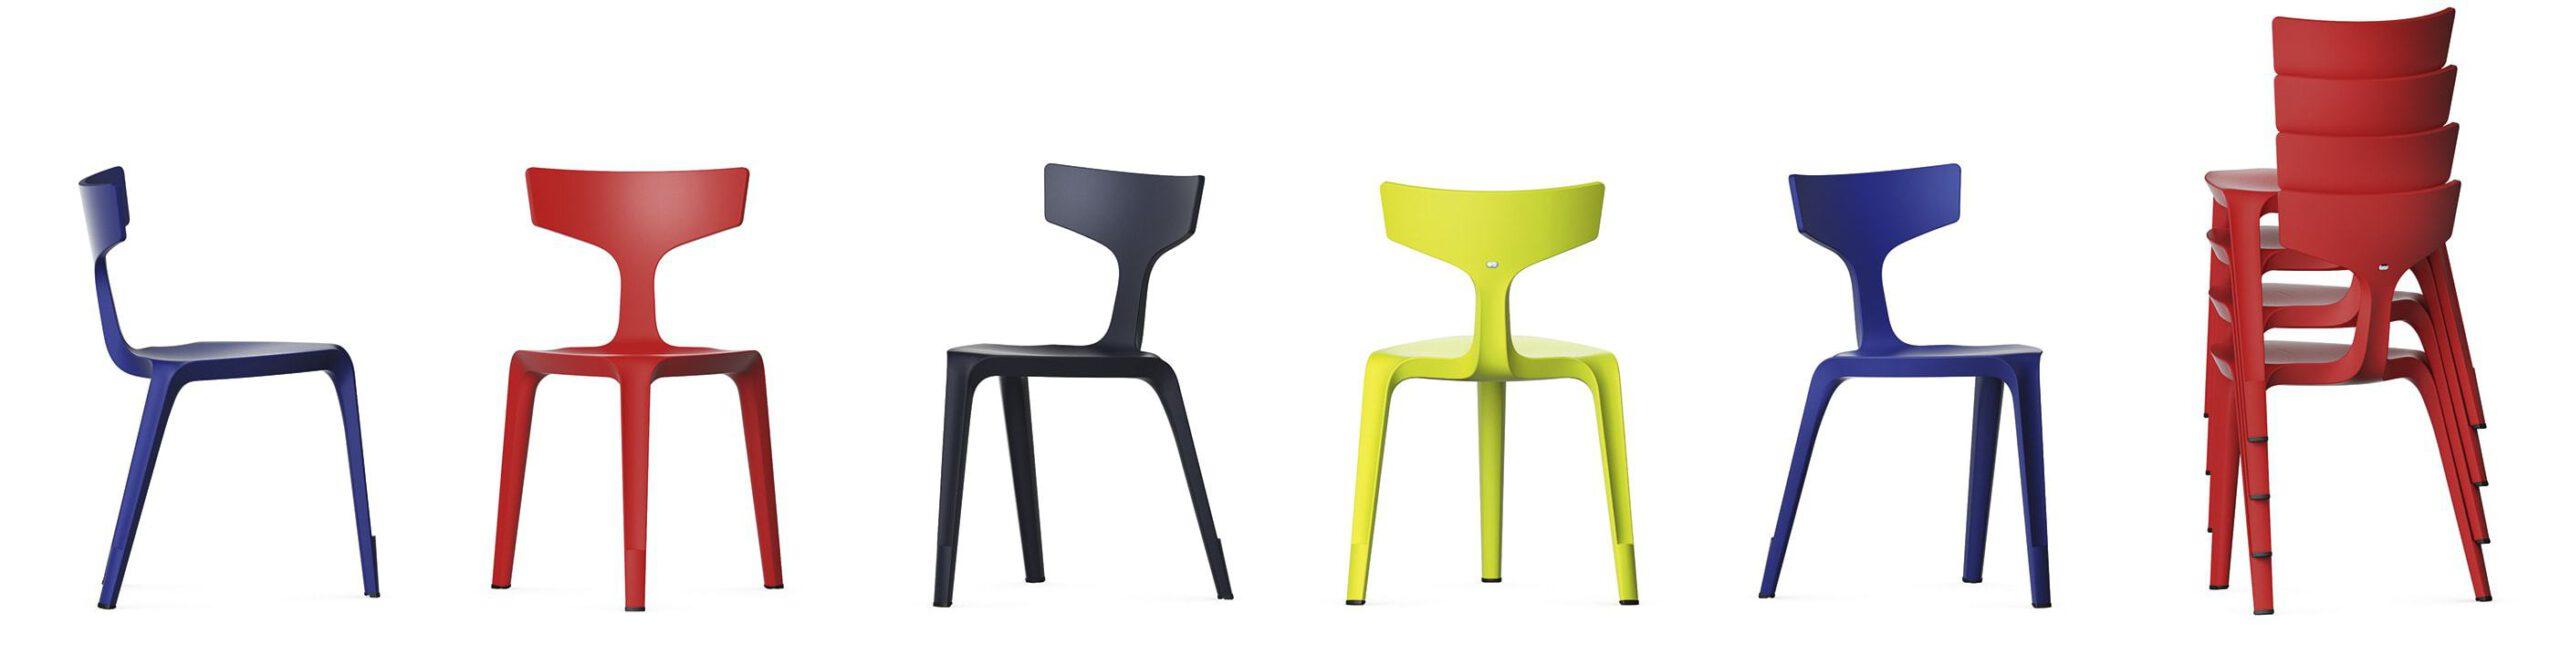 Trojnohá plastová židle Stakki